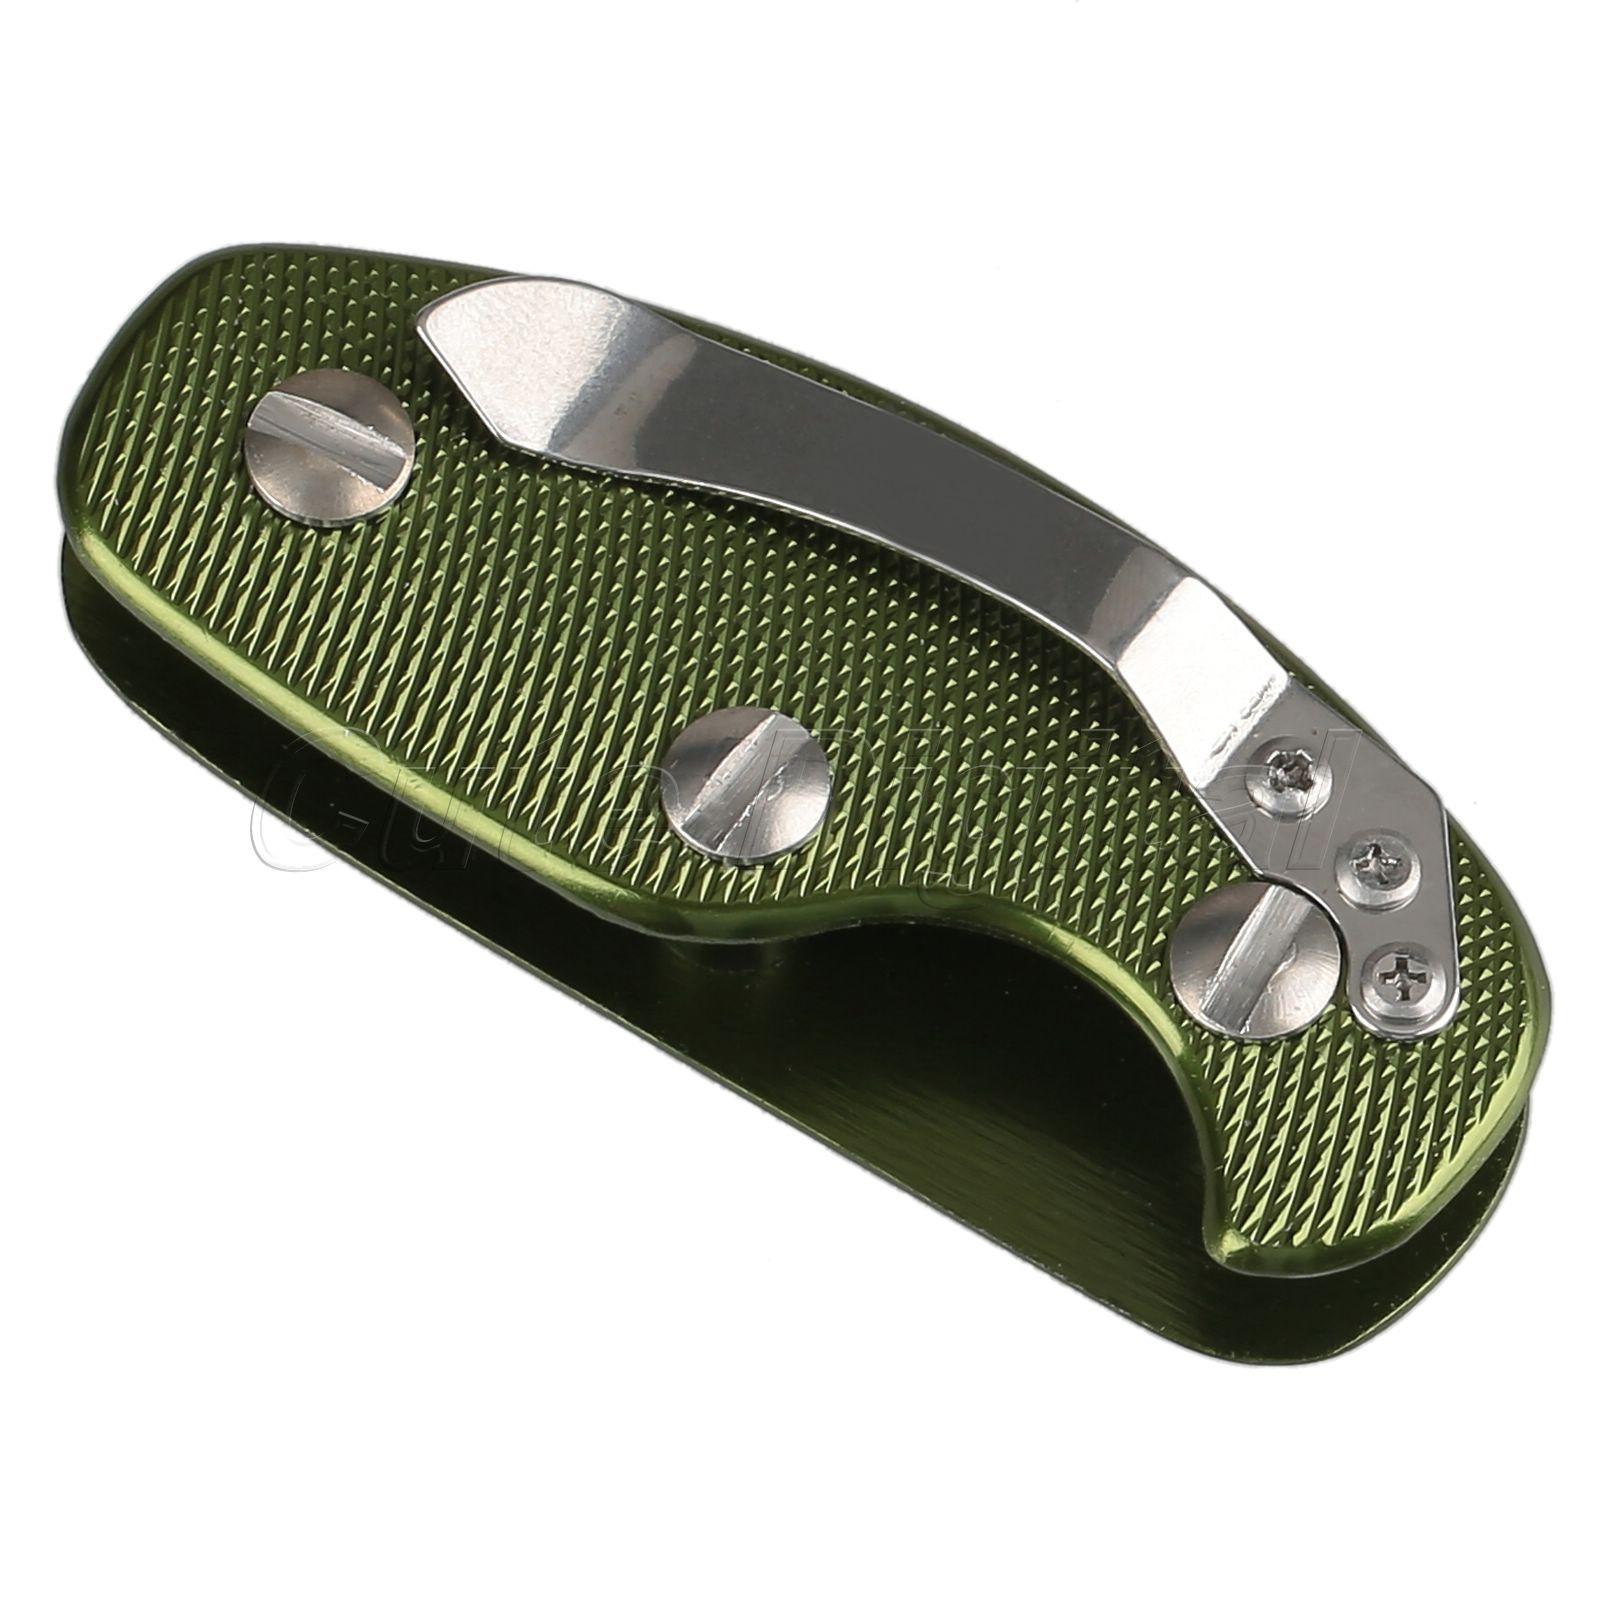 1 шт. EDC черный / зеленый / оранжевый легкий алюминиевый ключ держатель организатор папку клип брелок брелок чехол карманный инструмент